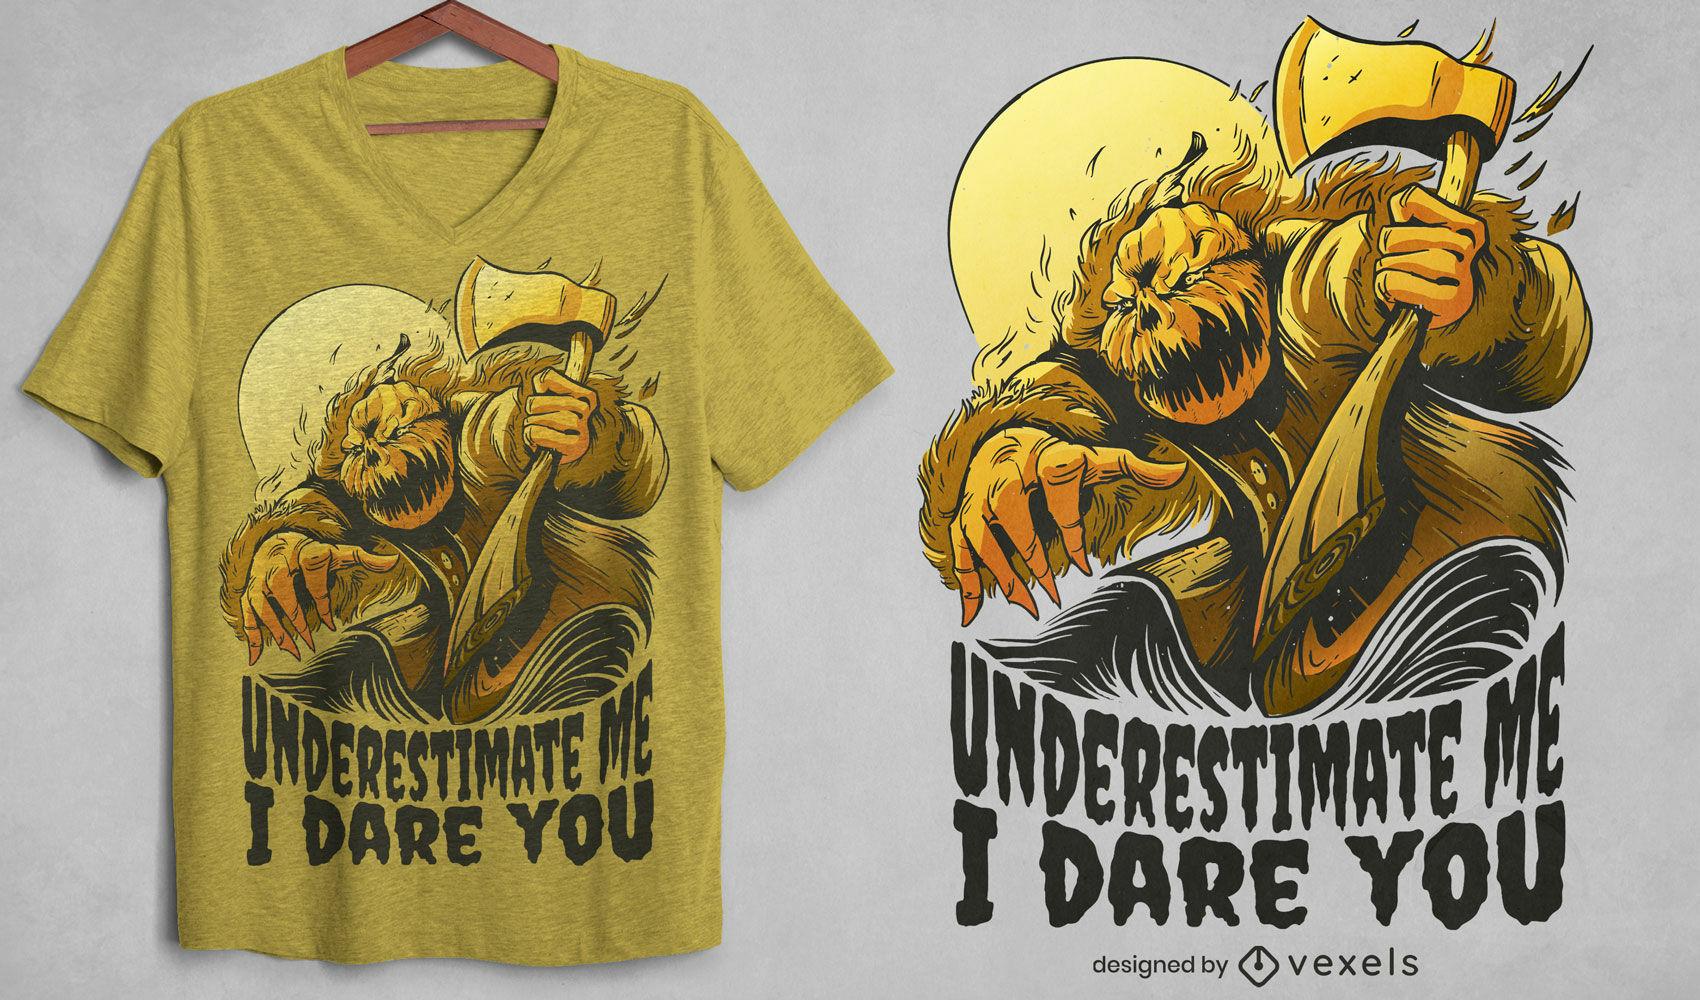 Pumpkin man with axe t-shirt design